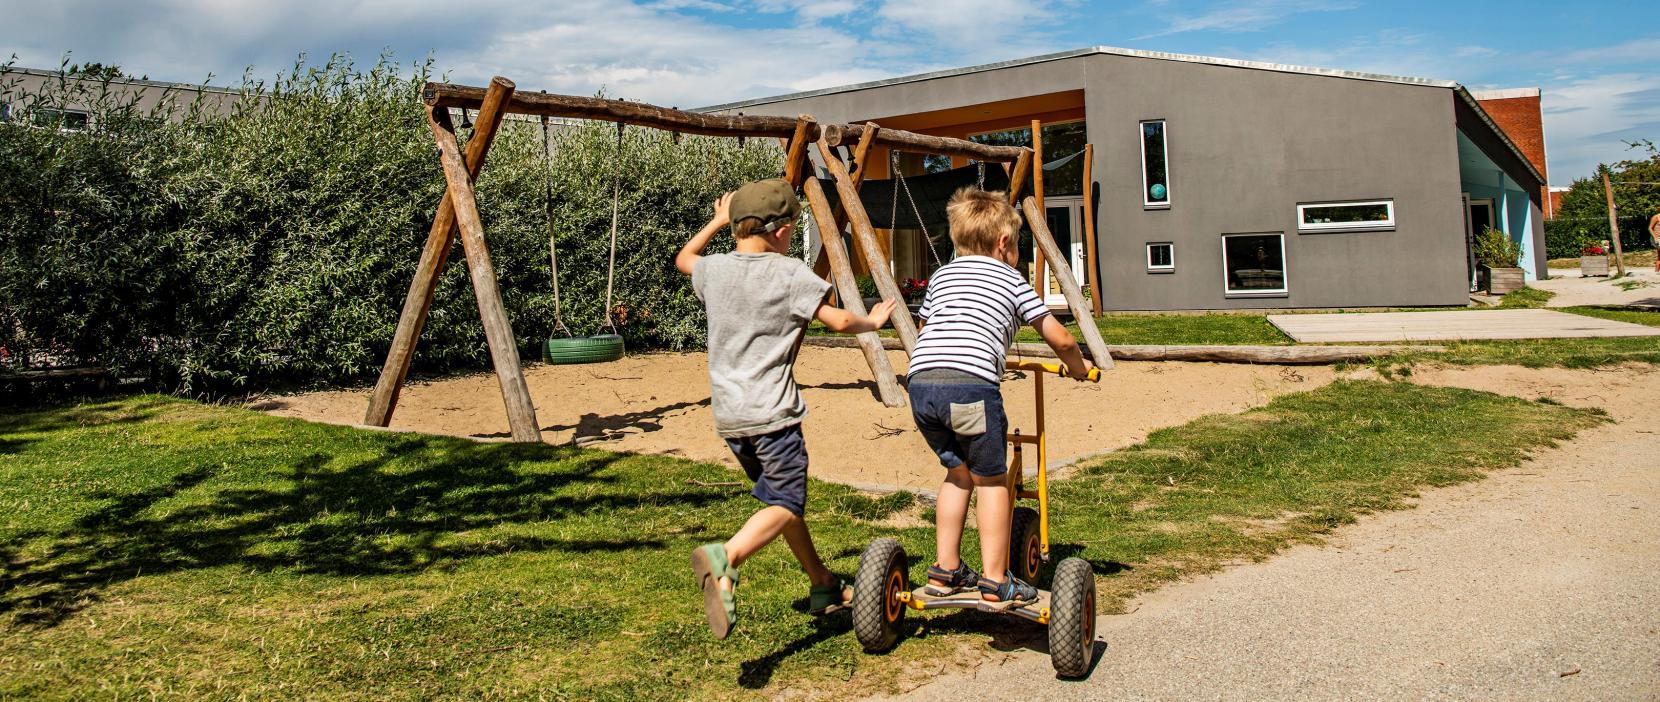 Børnehuset Lyngborg Have og børn der cykler